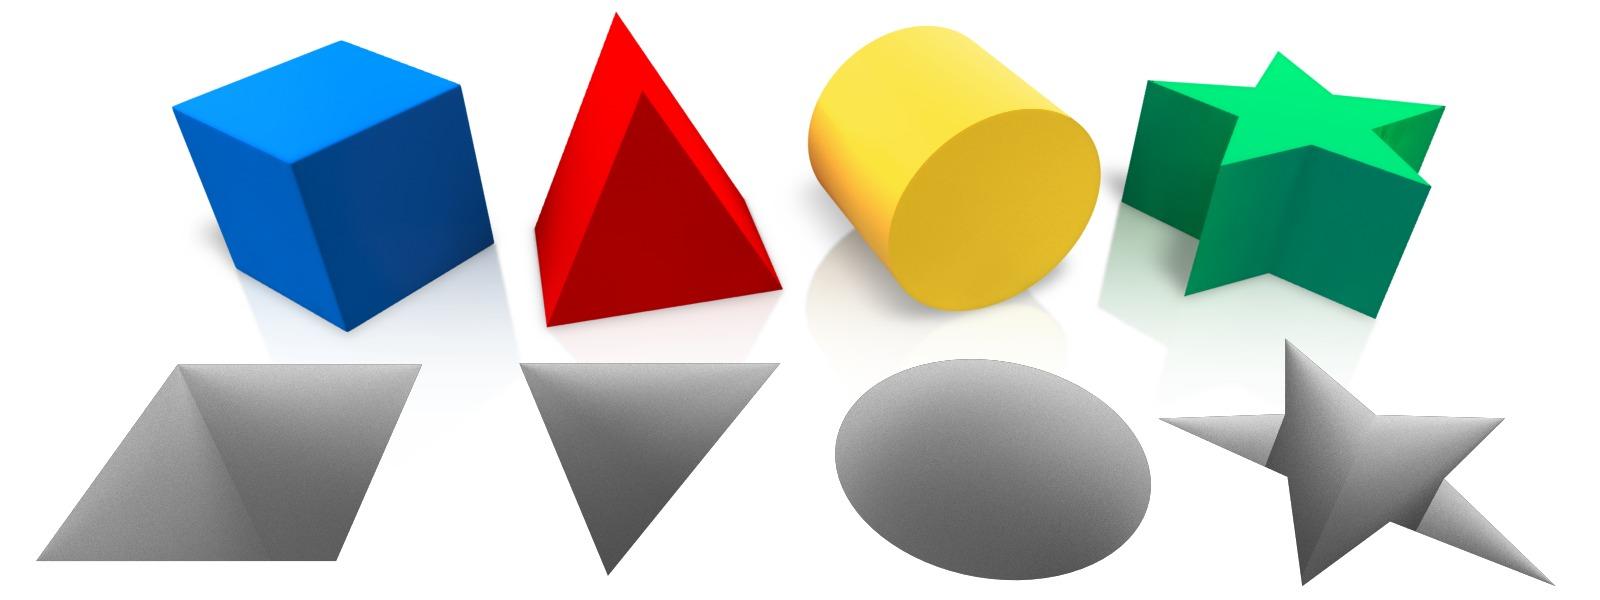 shapes_corresponding_hole_1600_wht_20693